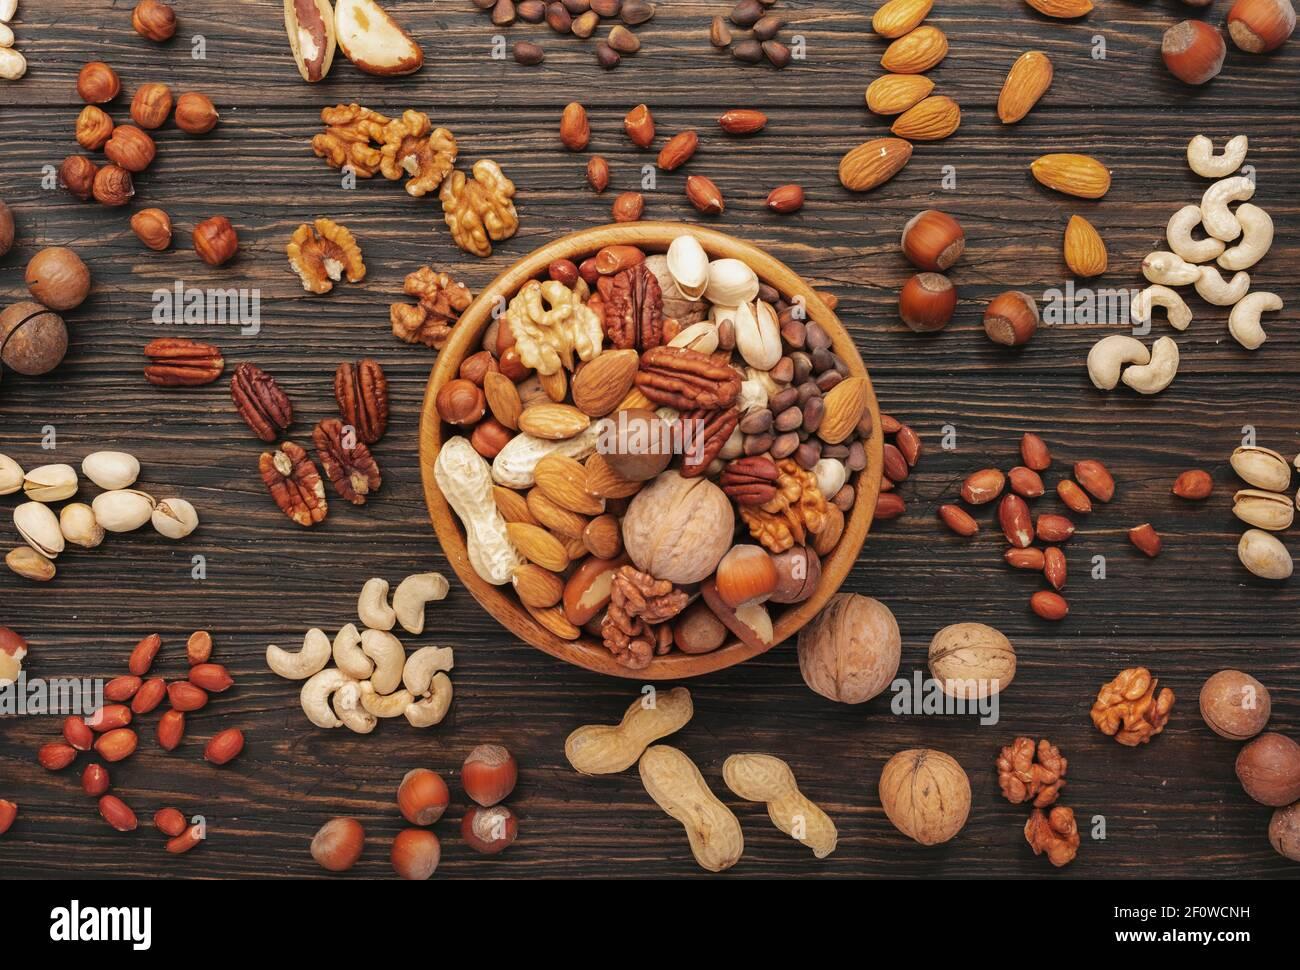 Surtido de frutos secos en cuencos. Anacardos, avellanas, nueces, pistachos, pacanas, nueces de pino, cacahuetes, macadamia, almendras, nueces de brasil. Mezcla de alimentos en madera Foto de stock